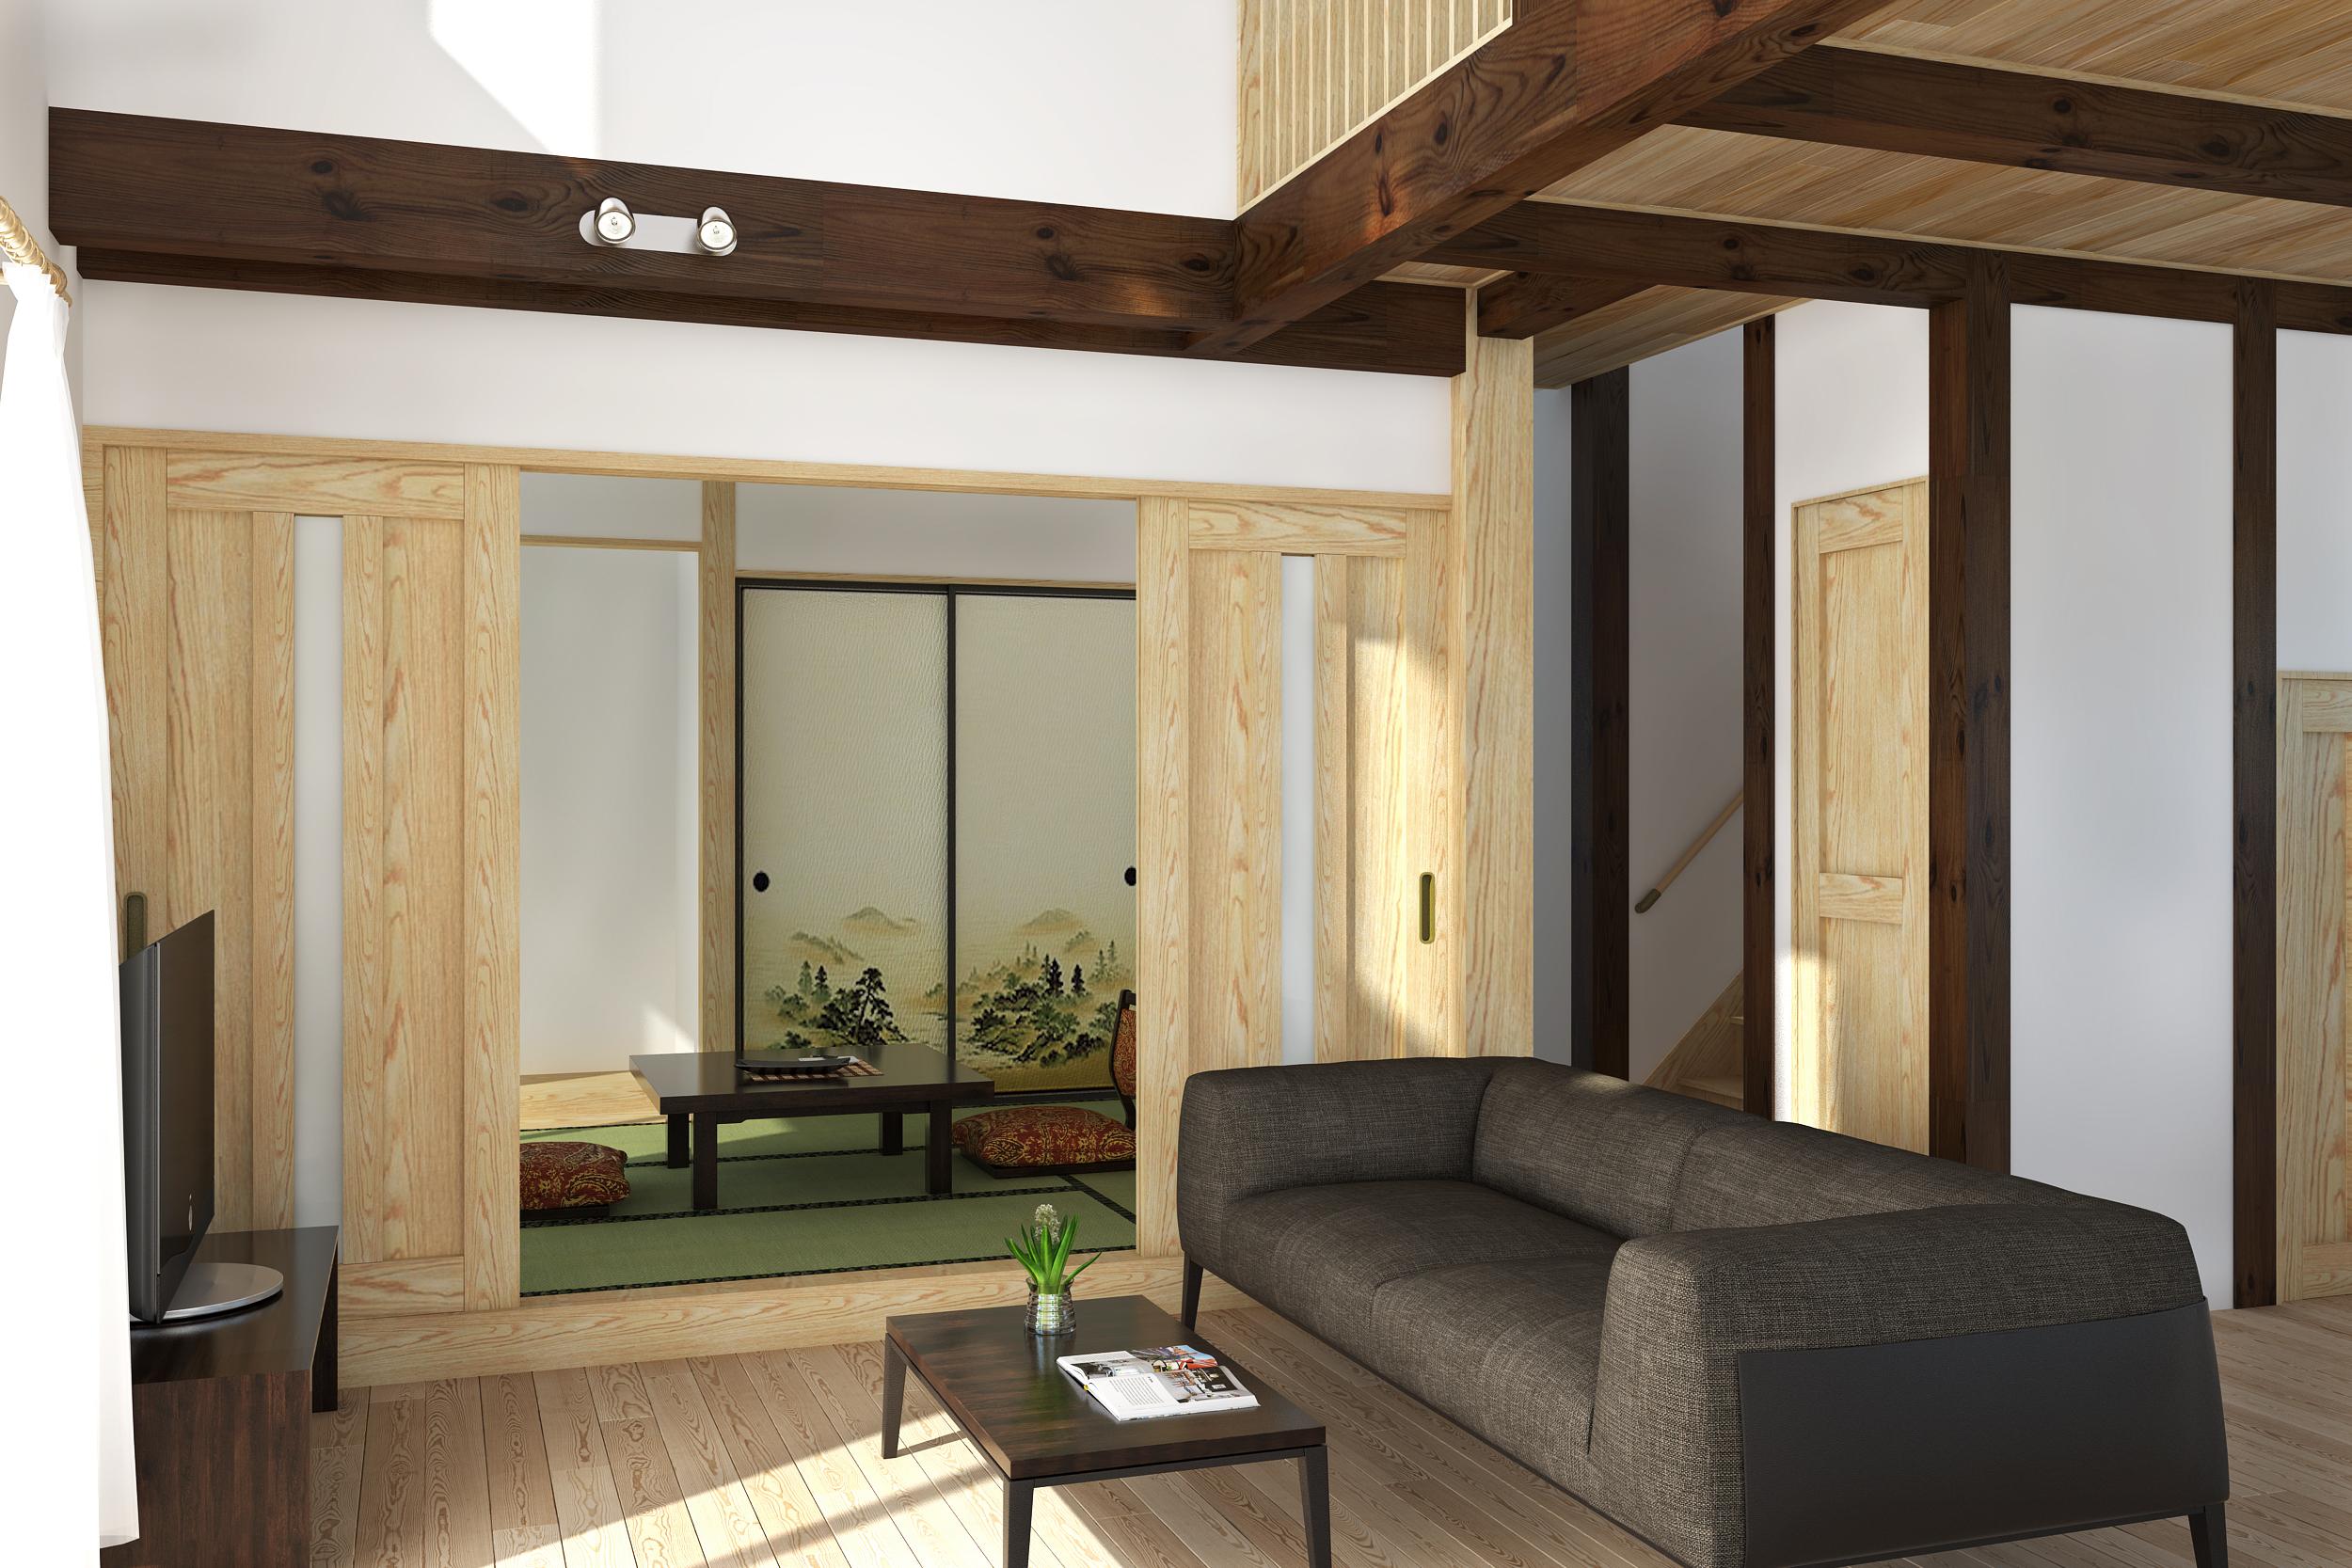 趣があり暮らしやすい家【内観①】